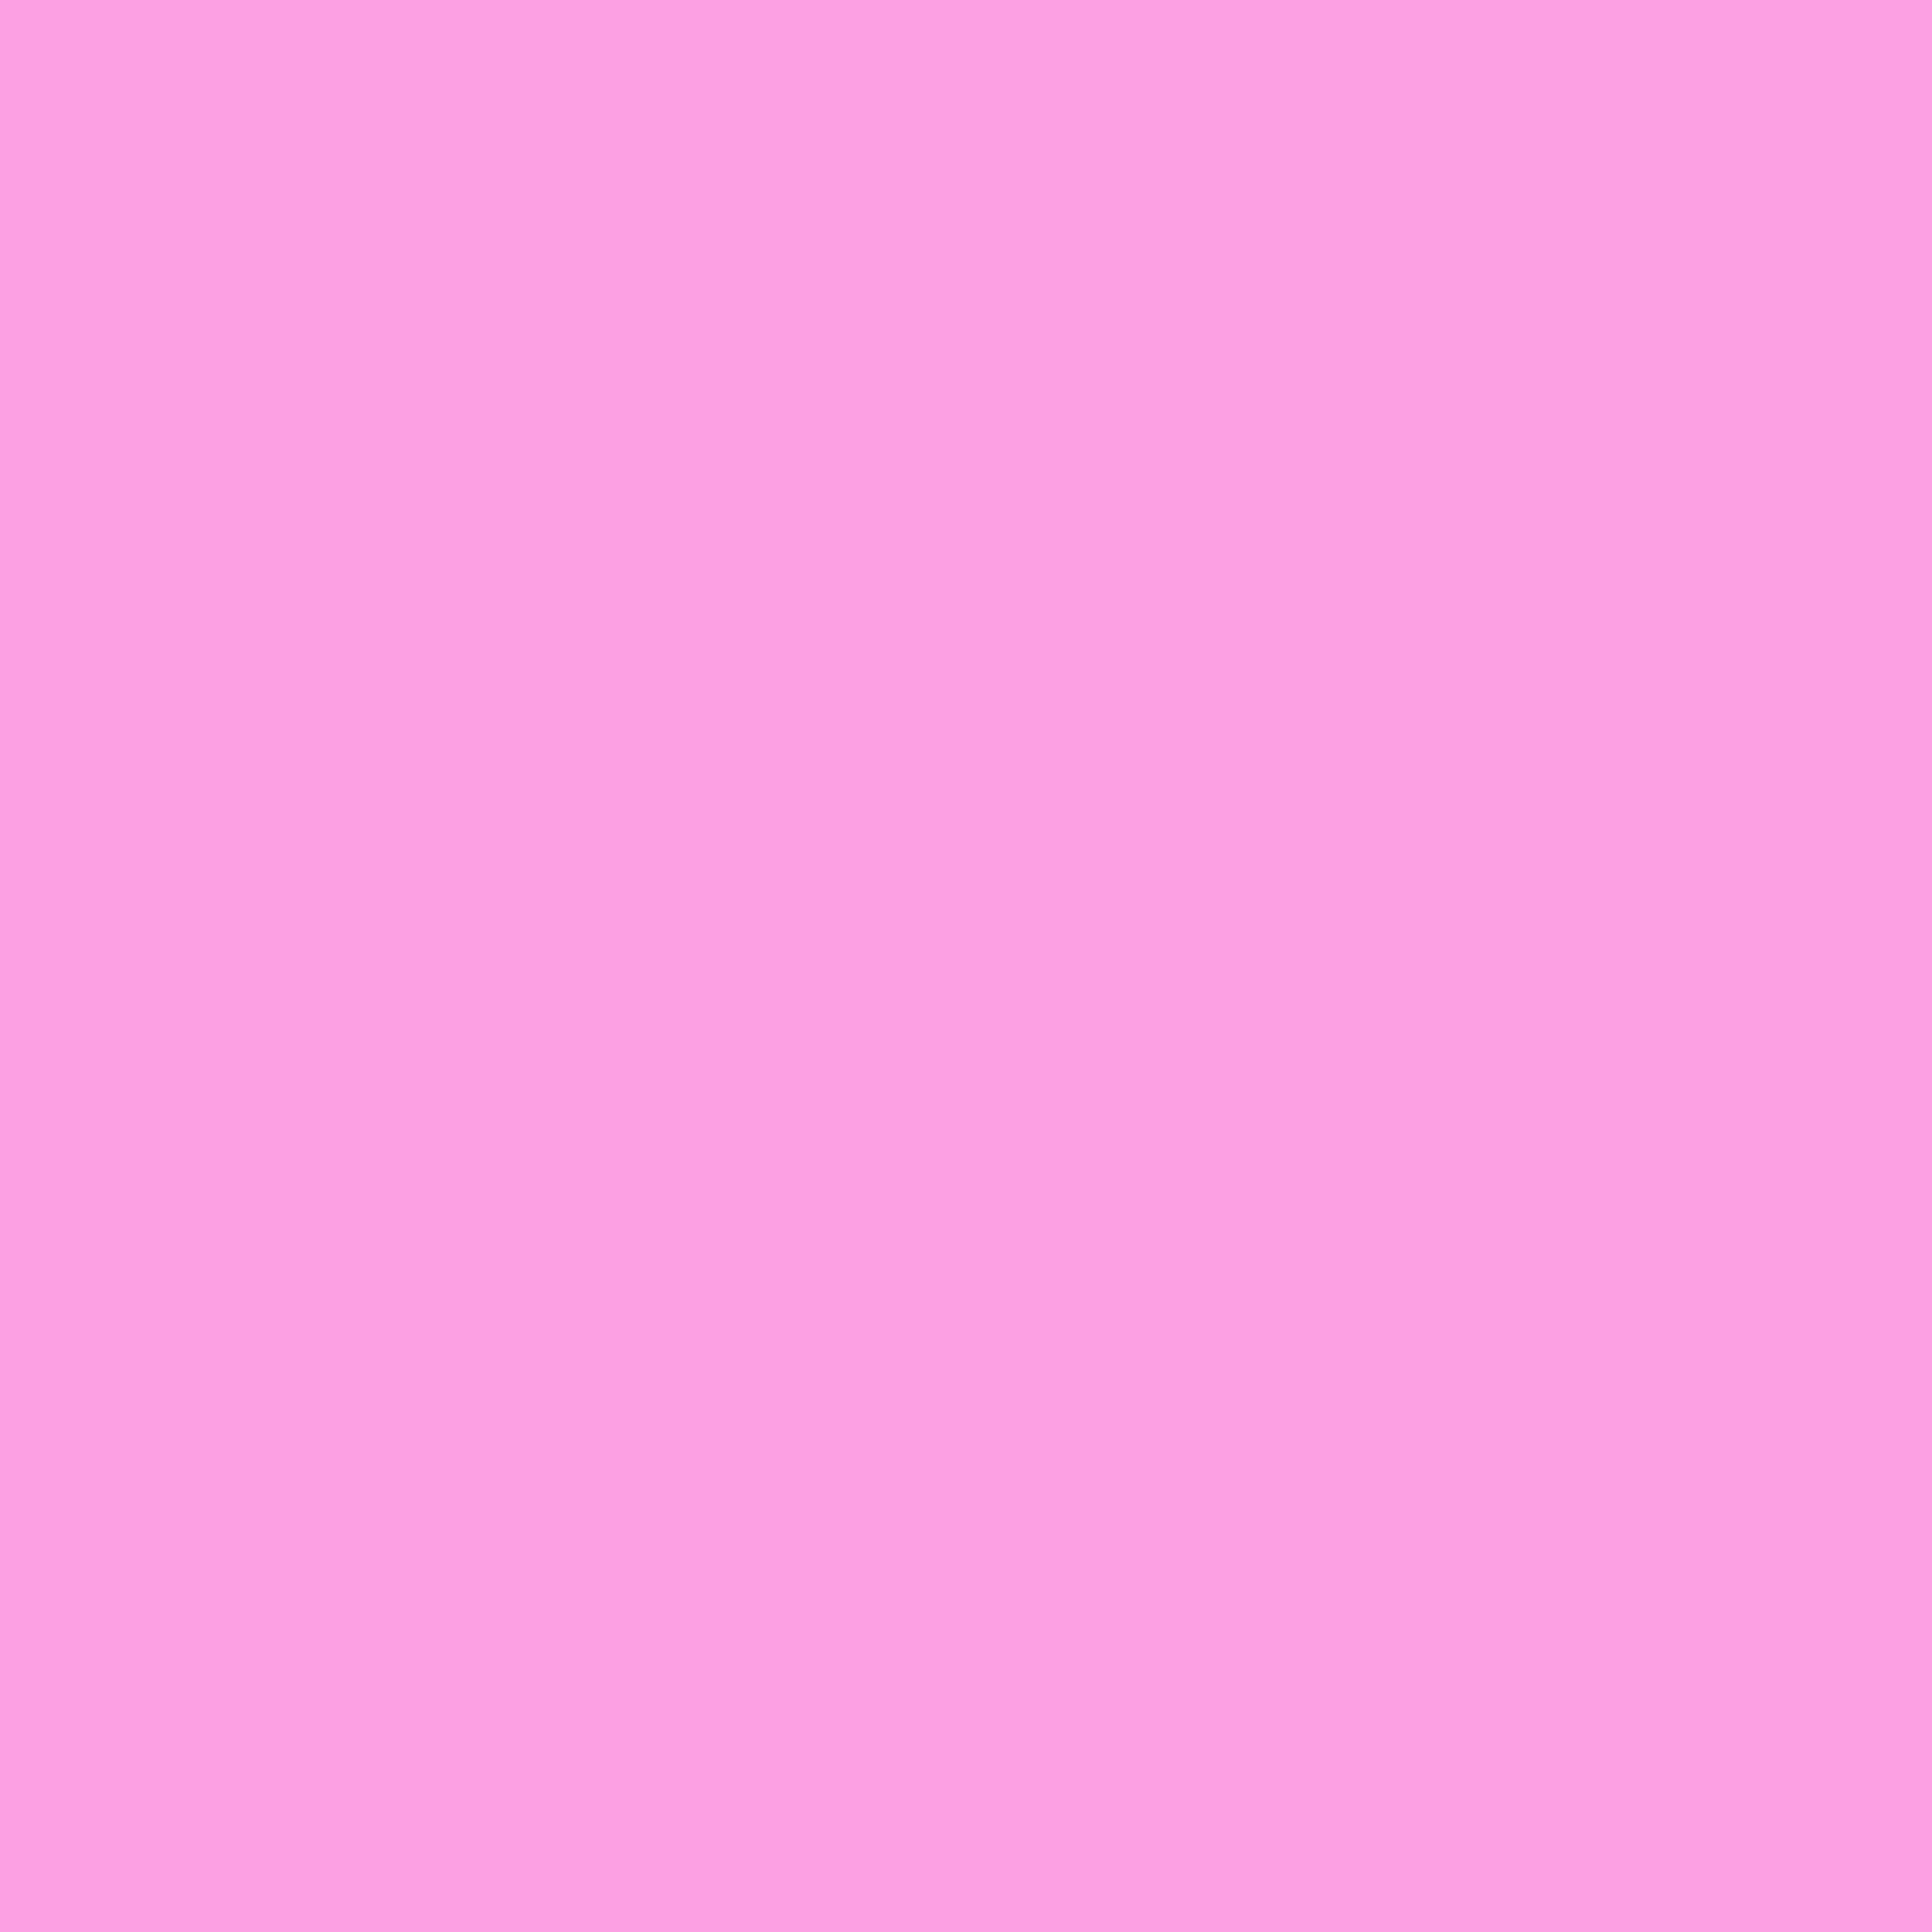 2048x2048 Lavender Rose Solid Color Background